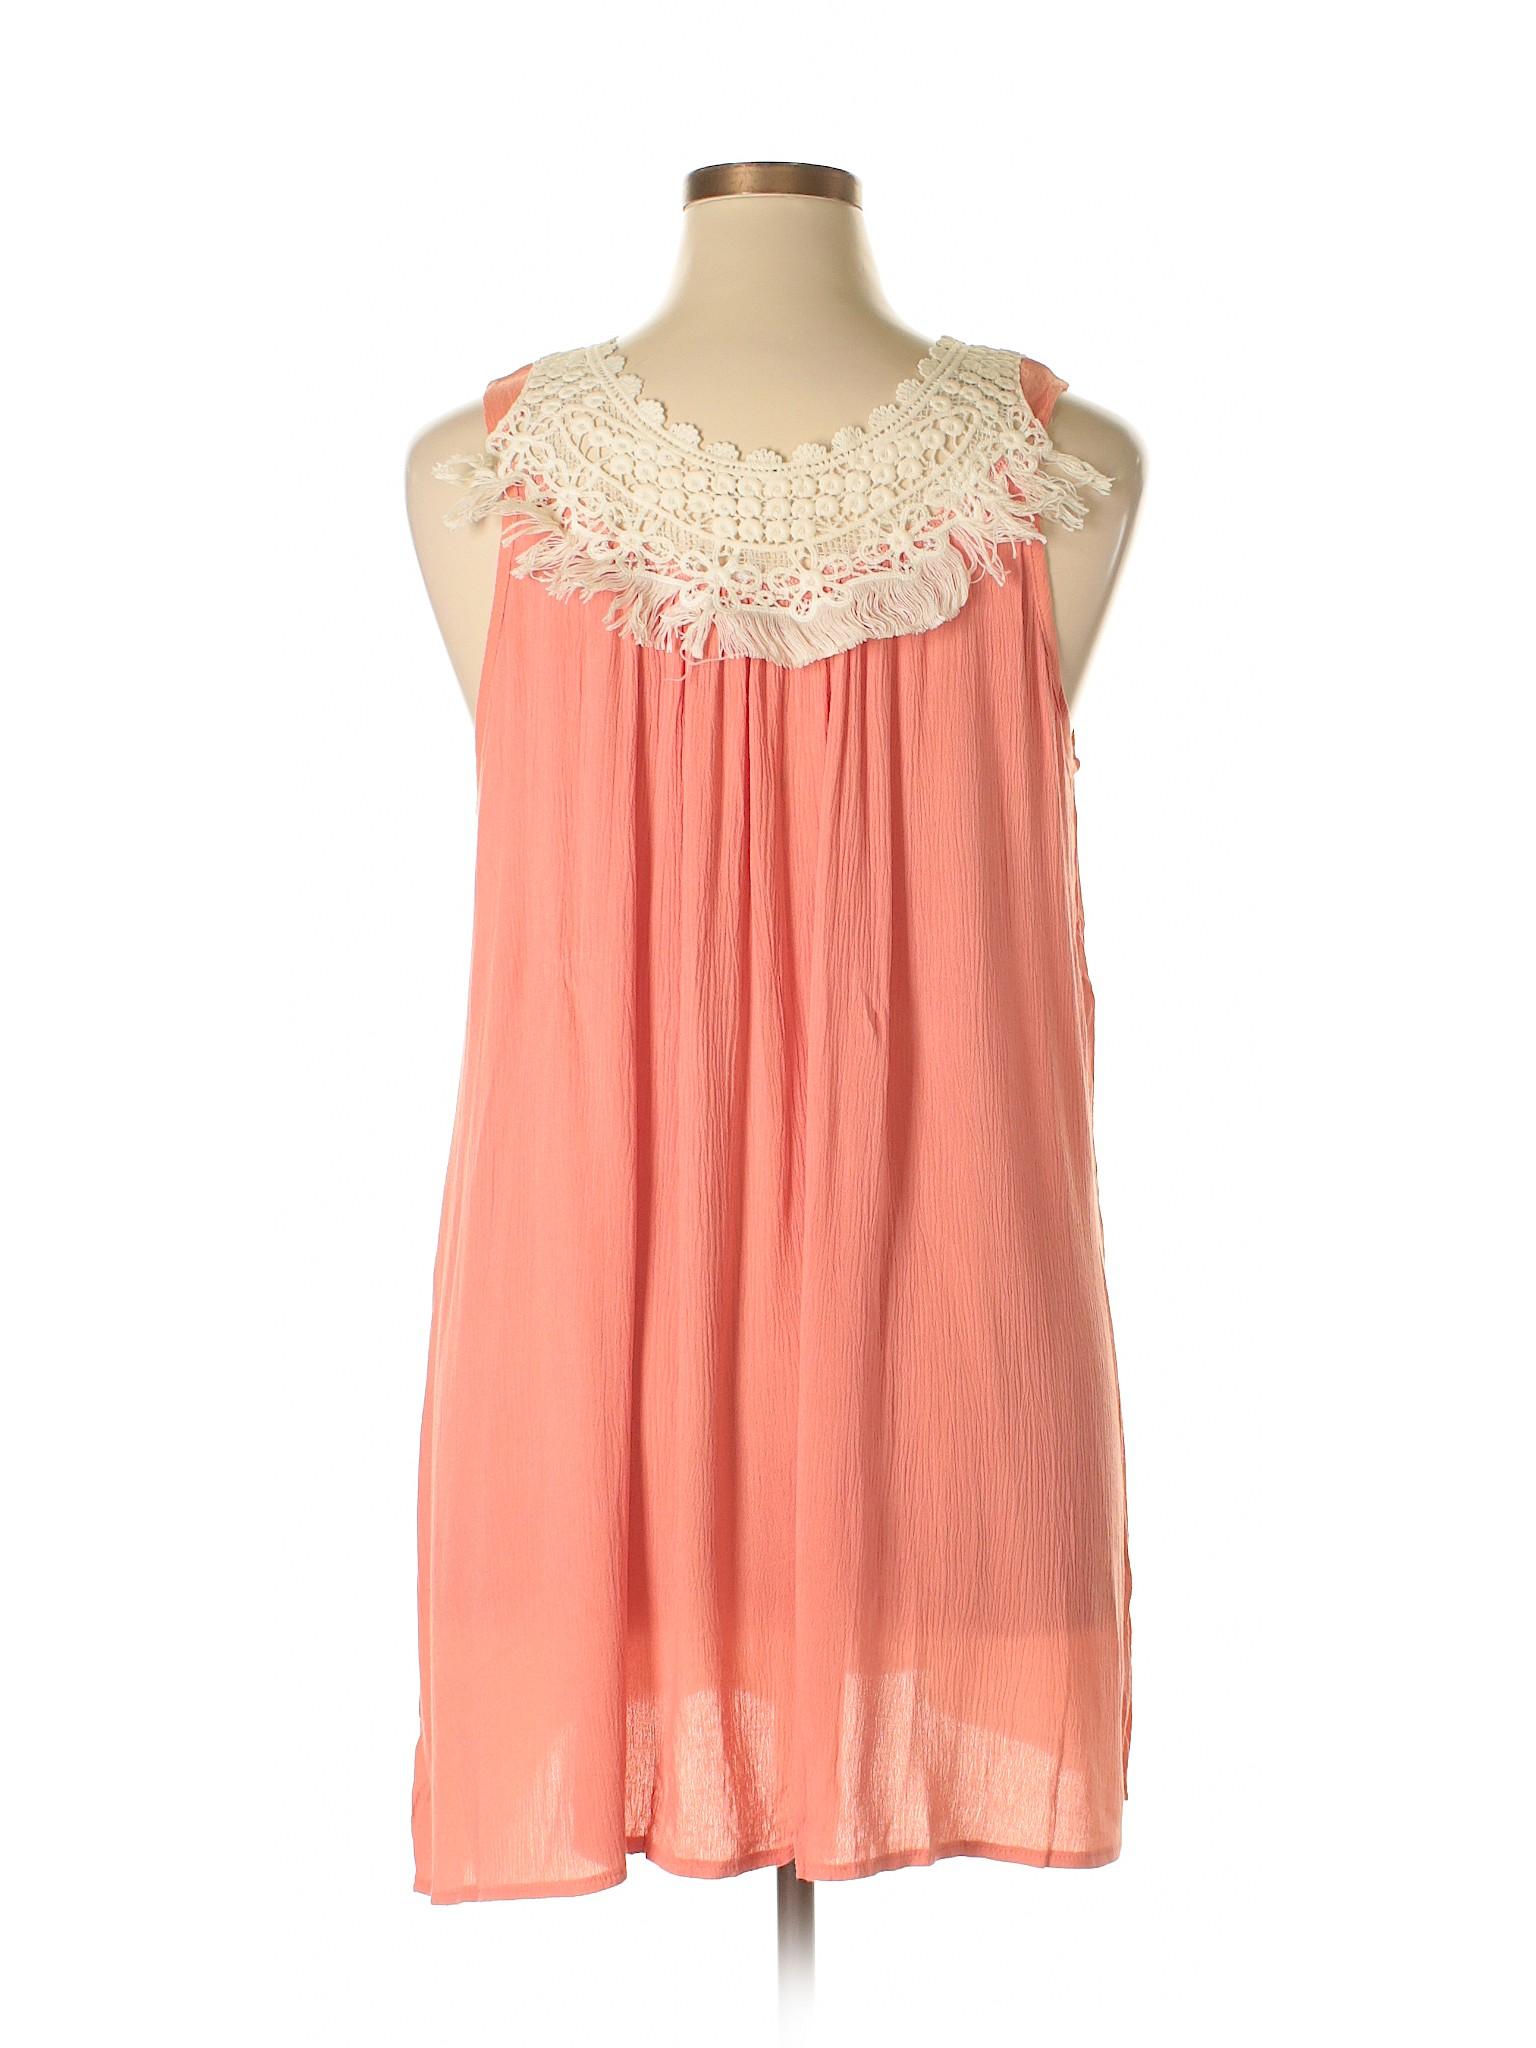 319c0deec974 Women s Clothing